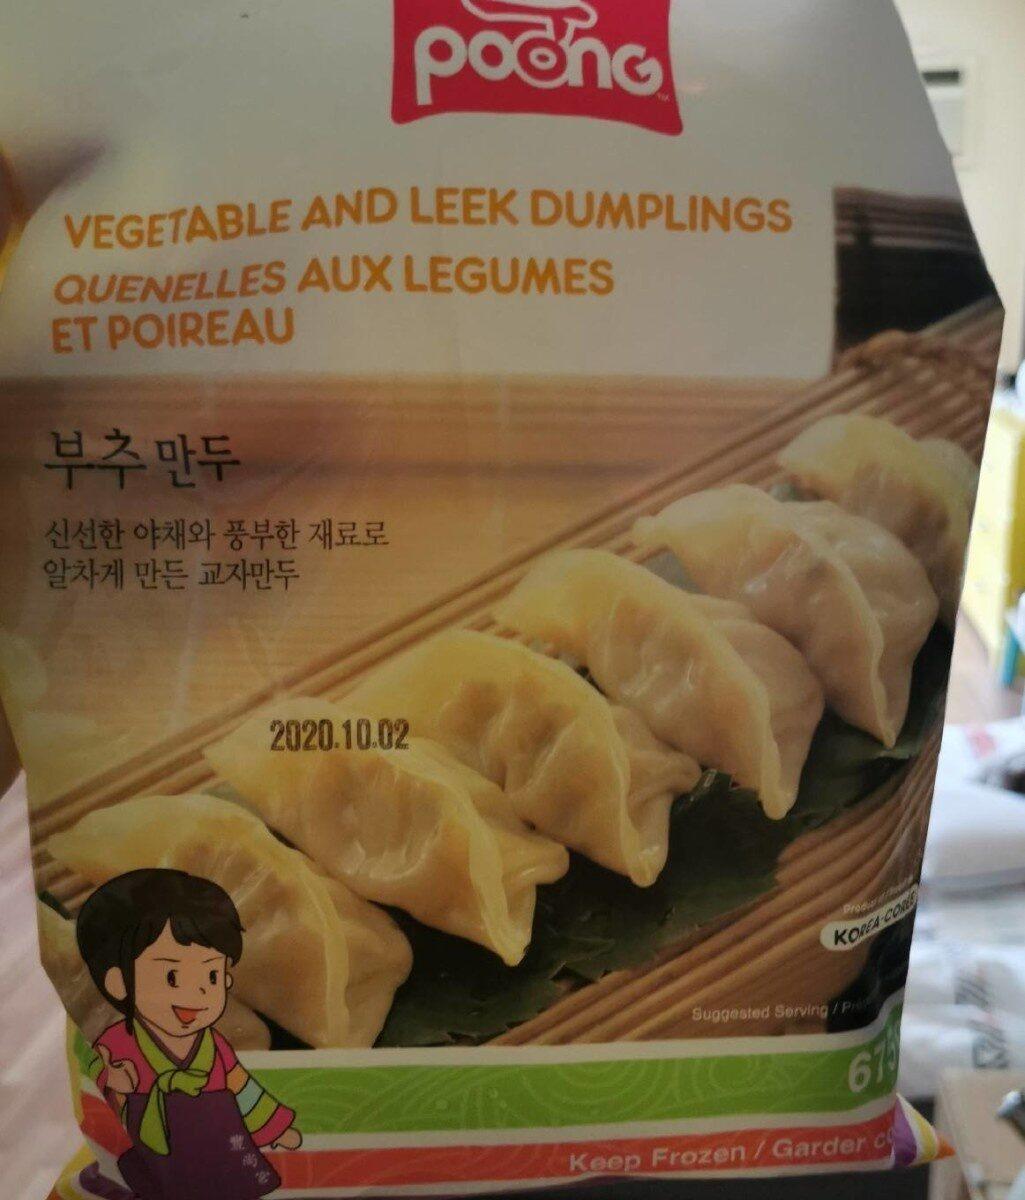 Quenelles aux légumes et poireau - Product - fr